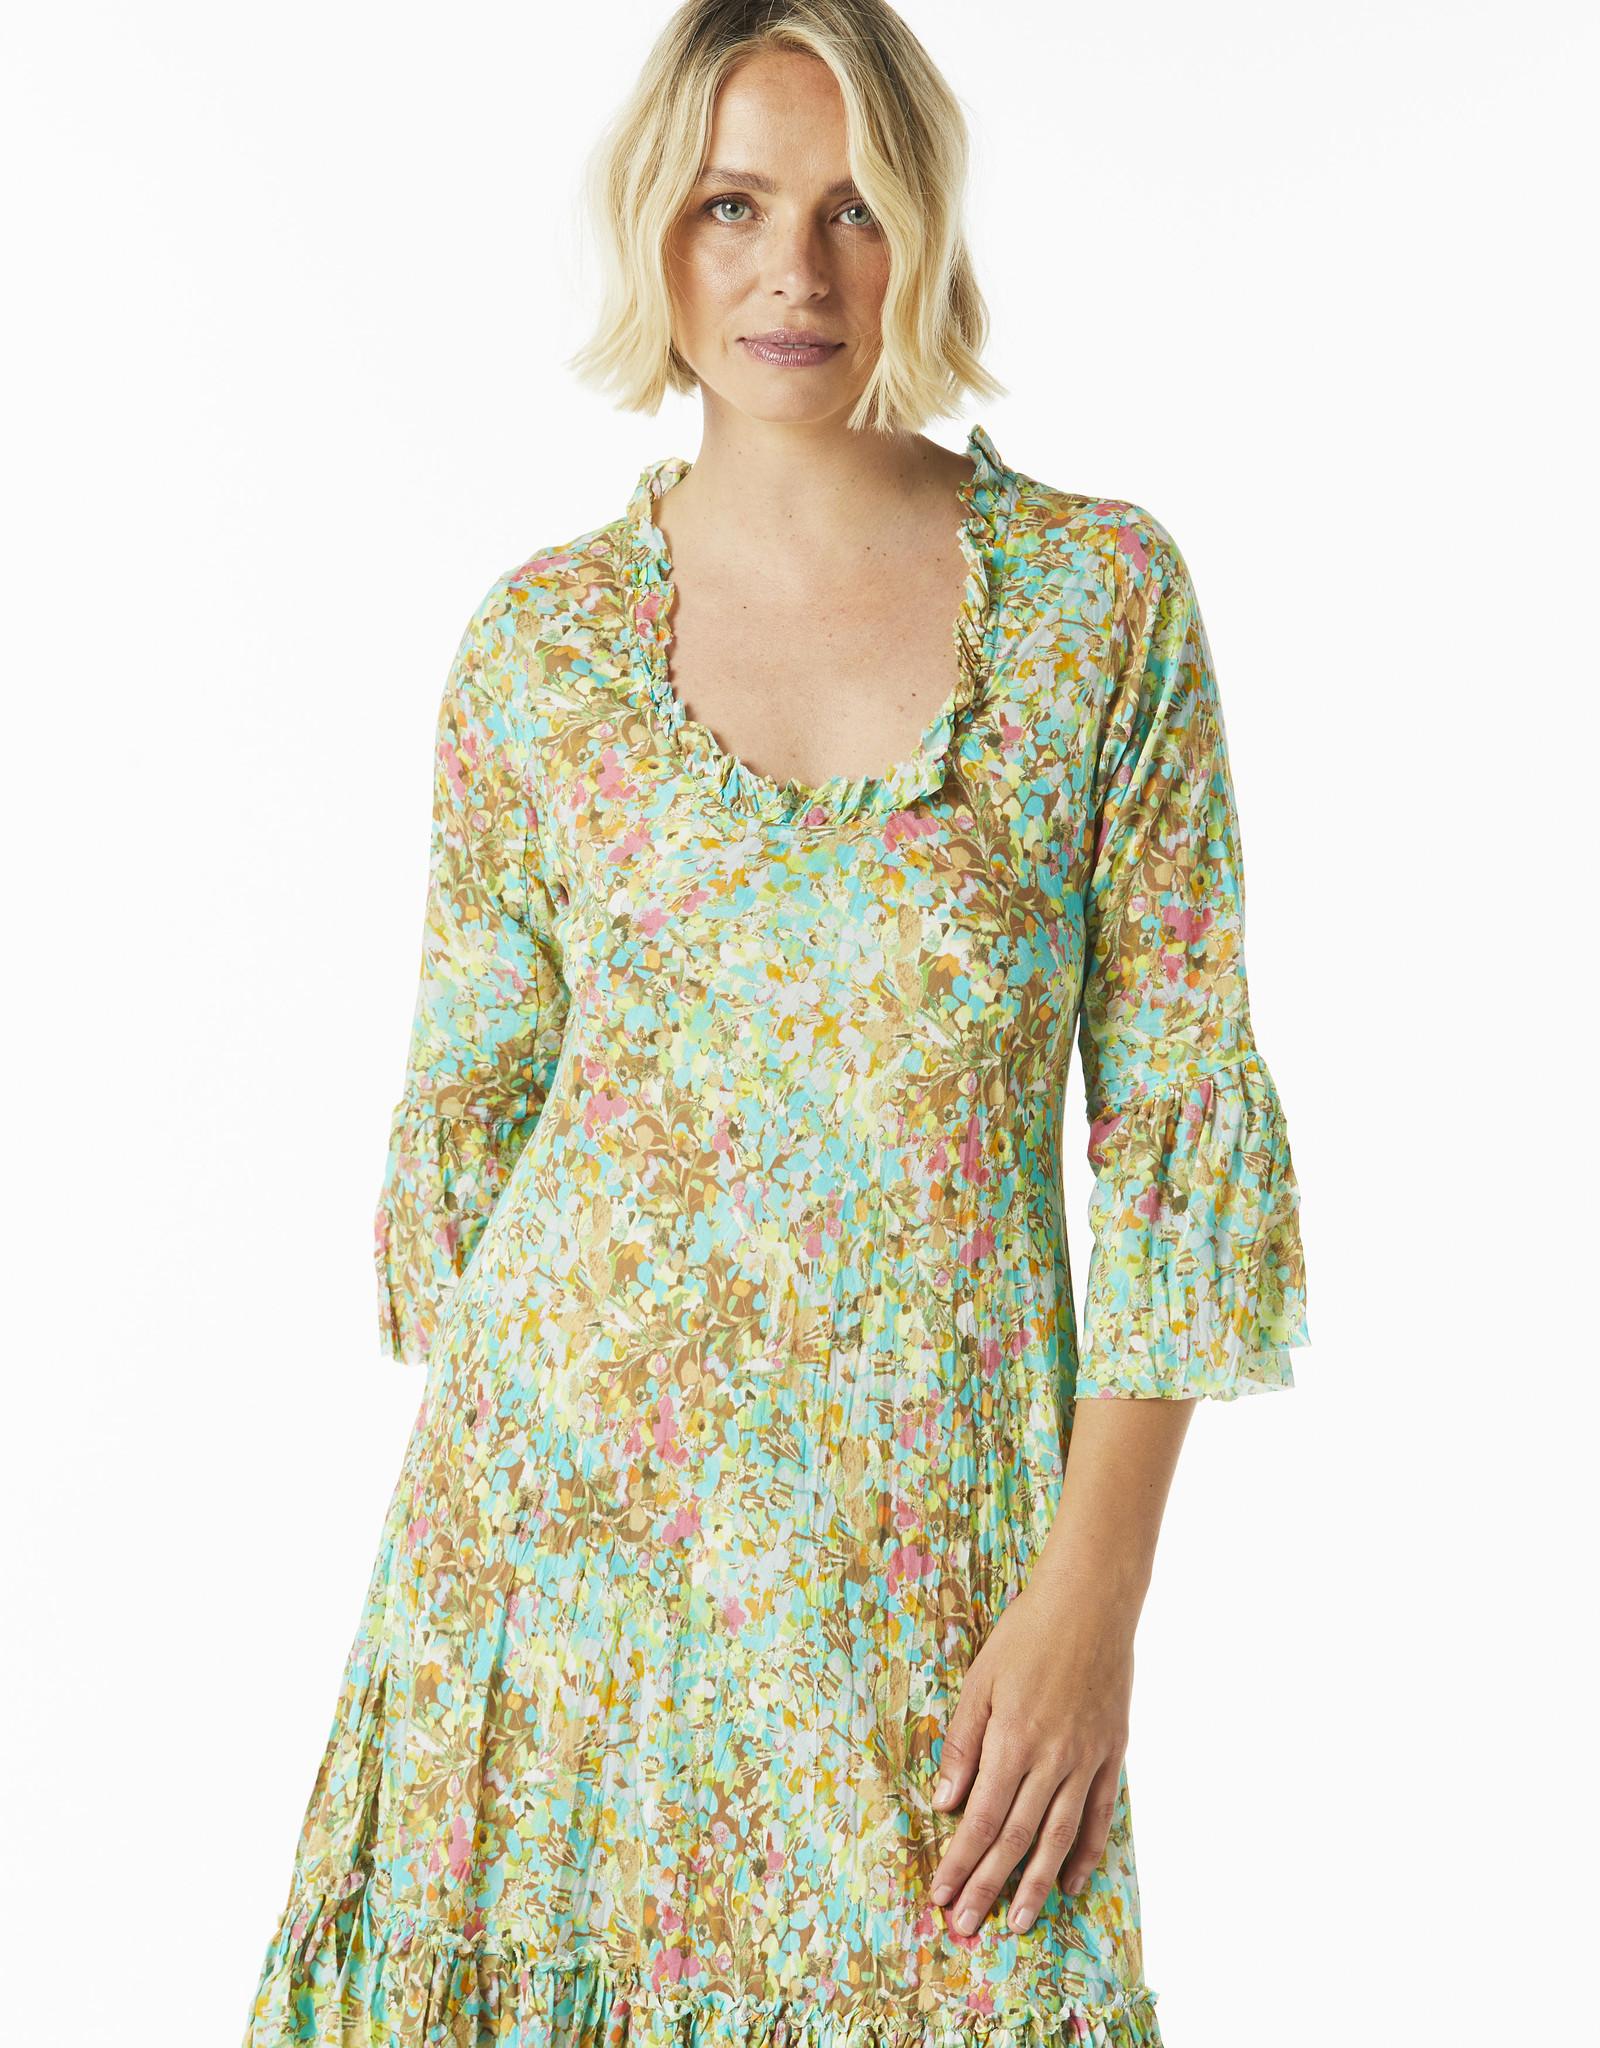 ONESEASON VALENTINA DRESS TUSCANY